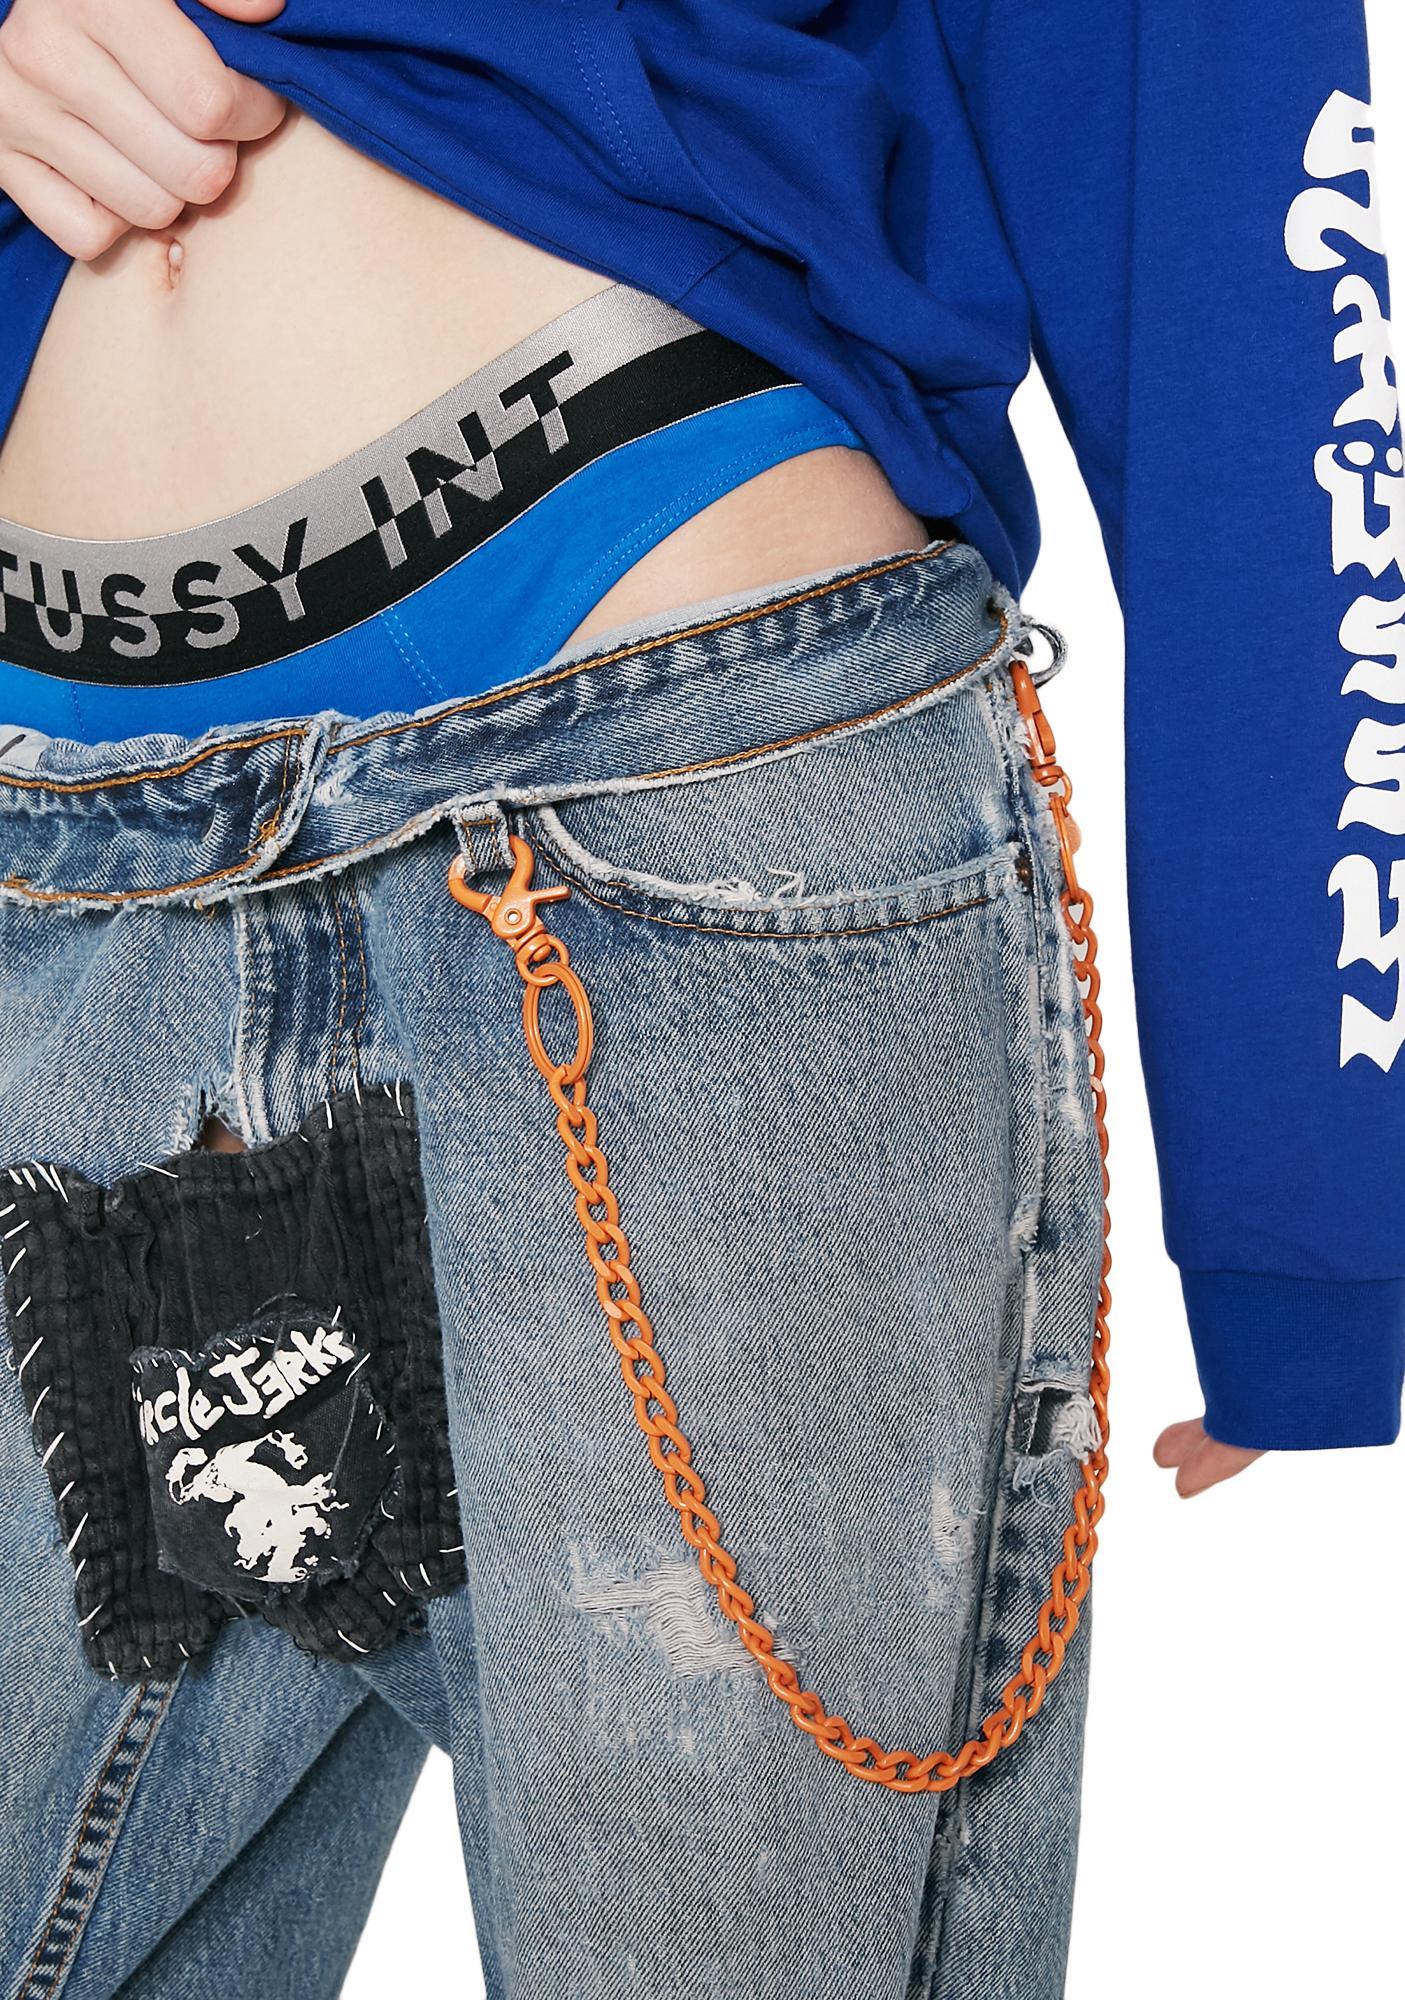 American Deadstock Push It Belt